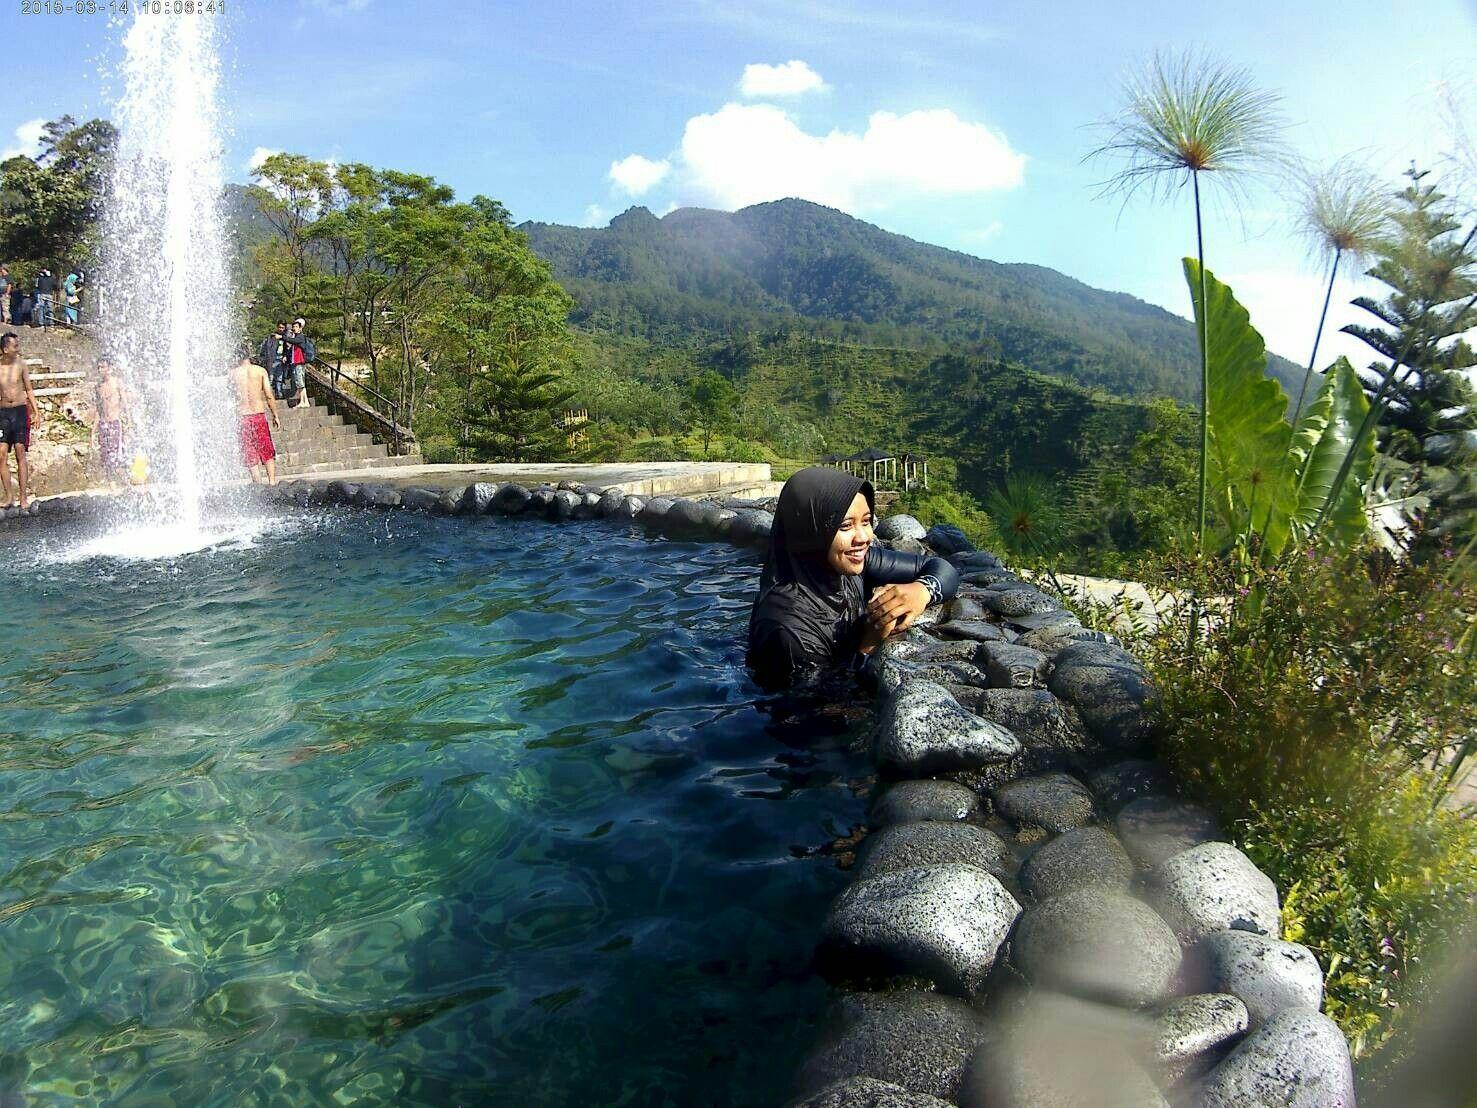 Wisata Umbul Sidomukti Semarang Jawa Tengah Kolam Renang Yg Berada Di Ketinggian Bisa Langsung Menikmati Pemandangan Ootdhij Pemandangan Indonesia Kolam